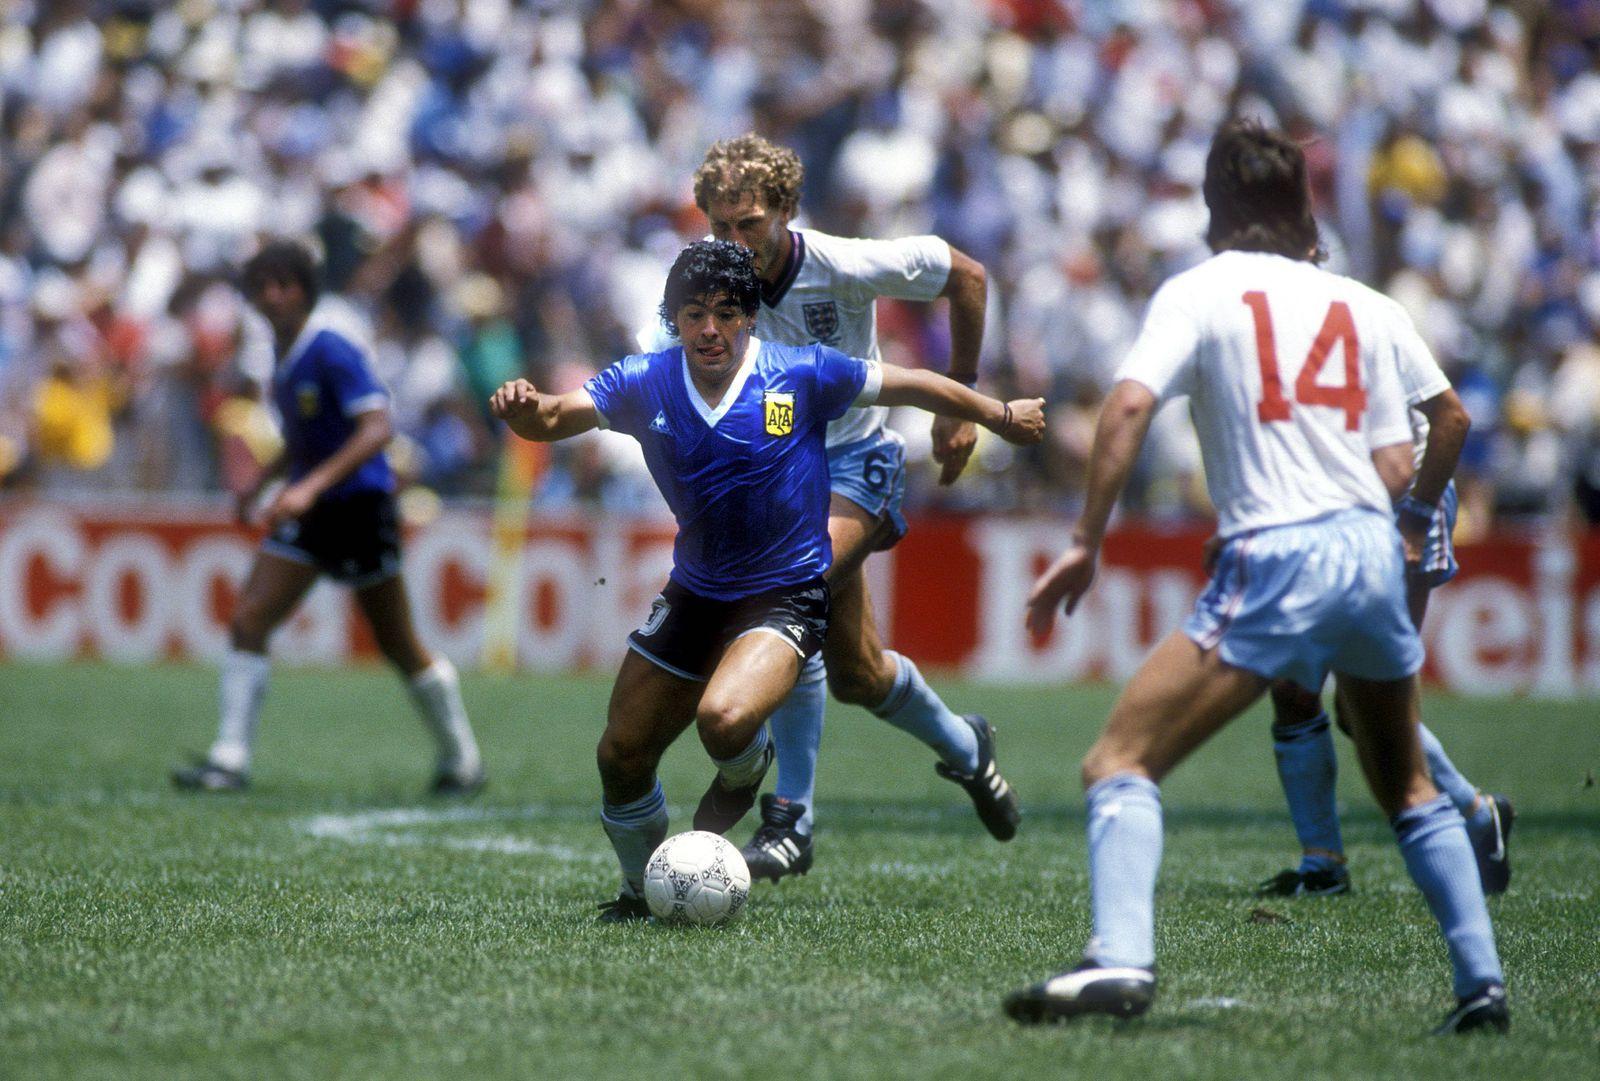 MARADONA Diego Armando Team Argentinien Halbfinale England- Argentinien am 22.06.1986 in Mexico City FIFA Fussball Welt